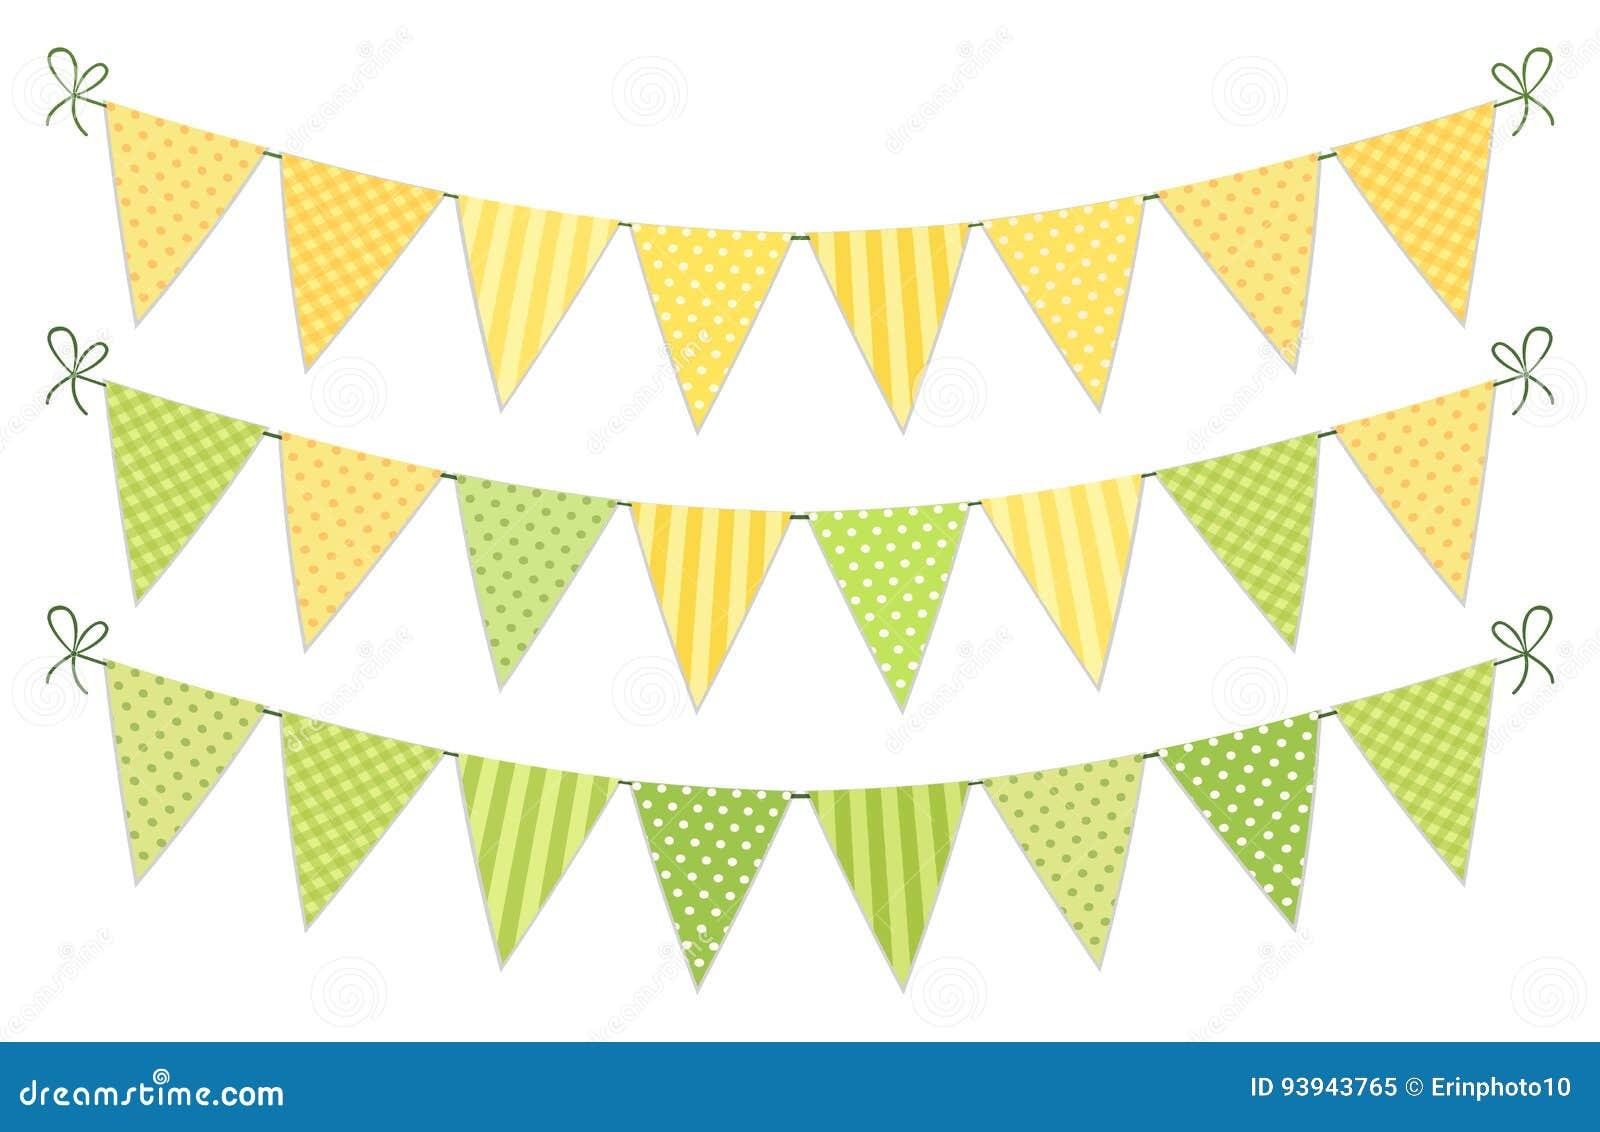 Śliczna rocznik tkaniny zieleń i żółte podławe modne chorągiewek flaga dla lato festiwali/lów, urodziny, dziecko prysznic